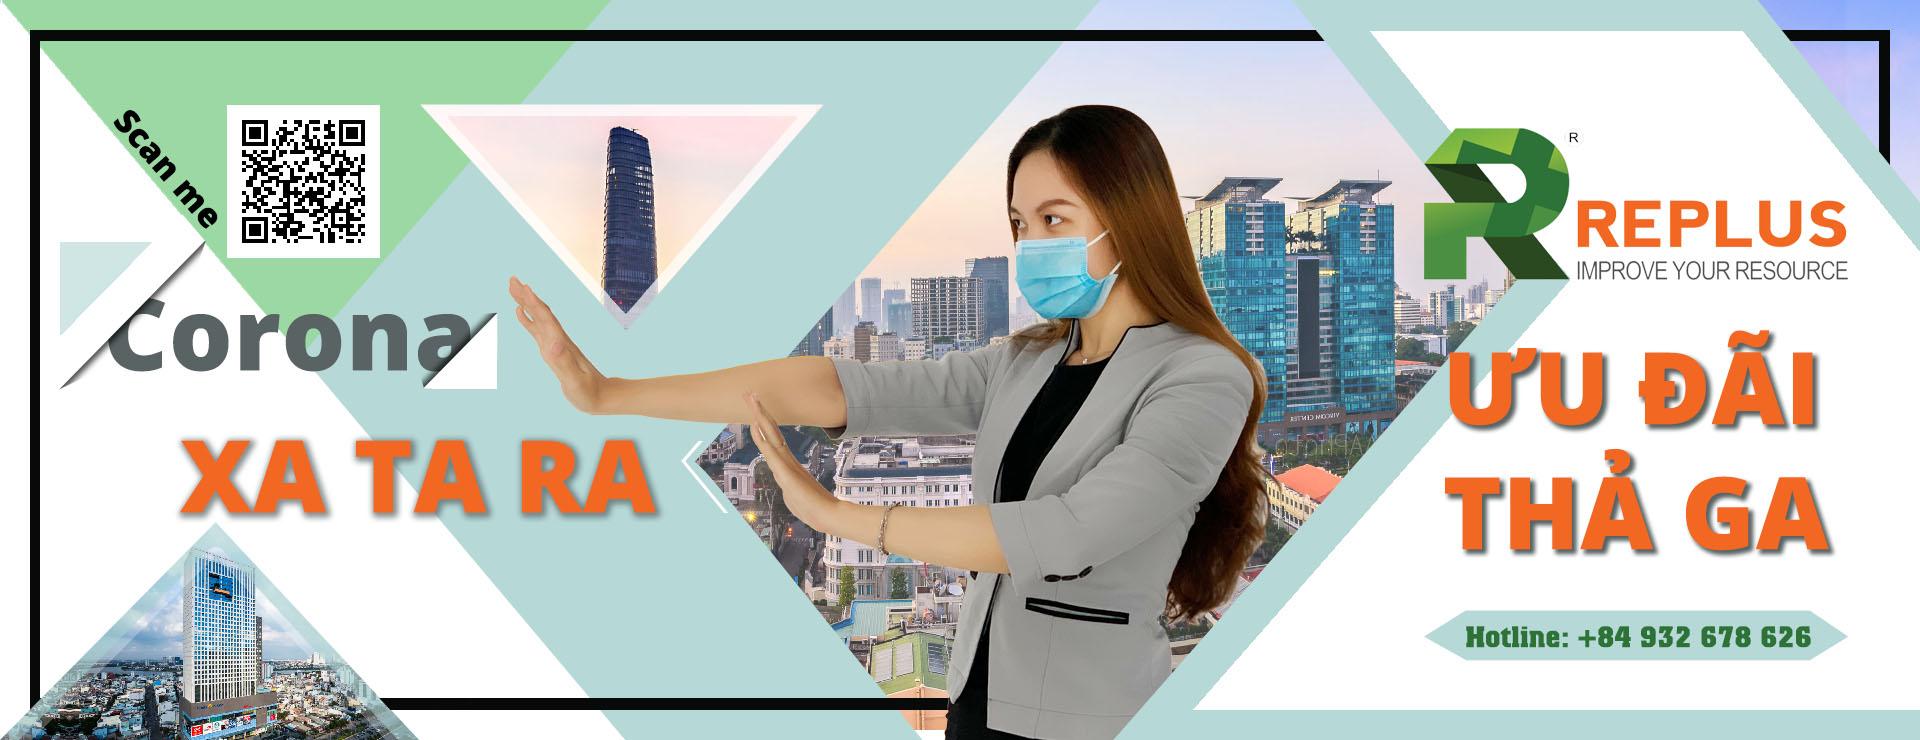 replus.com.vn khuyen mai thang 08 2020